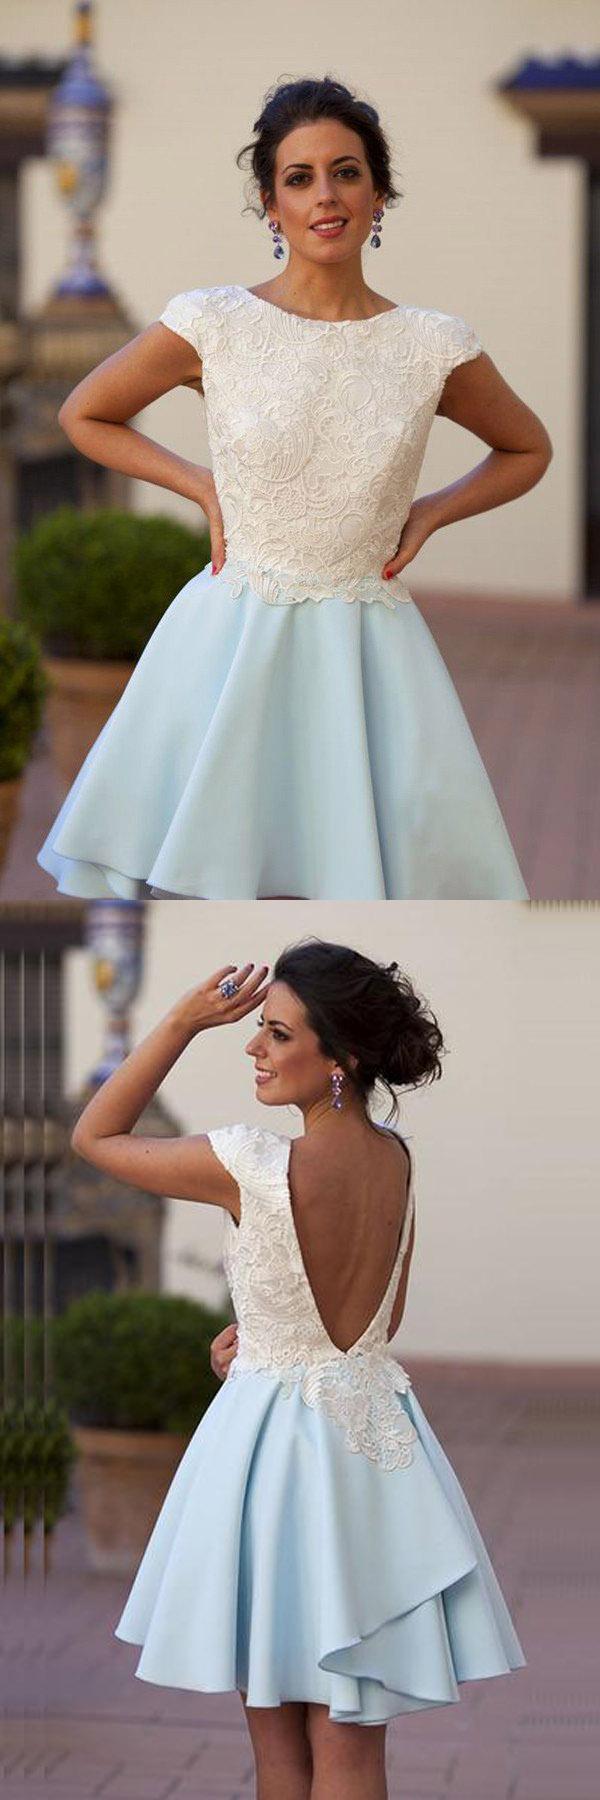 Bateau kneelength light blue chiffon homecoming dress with